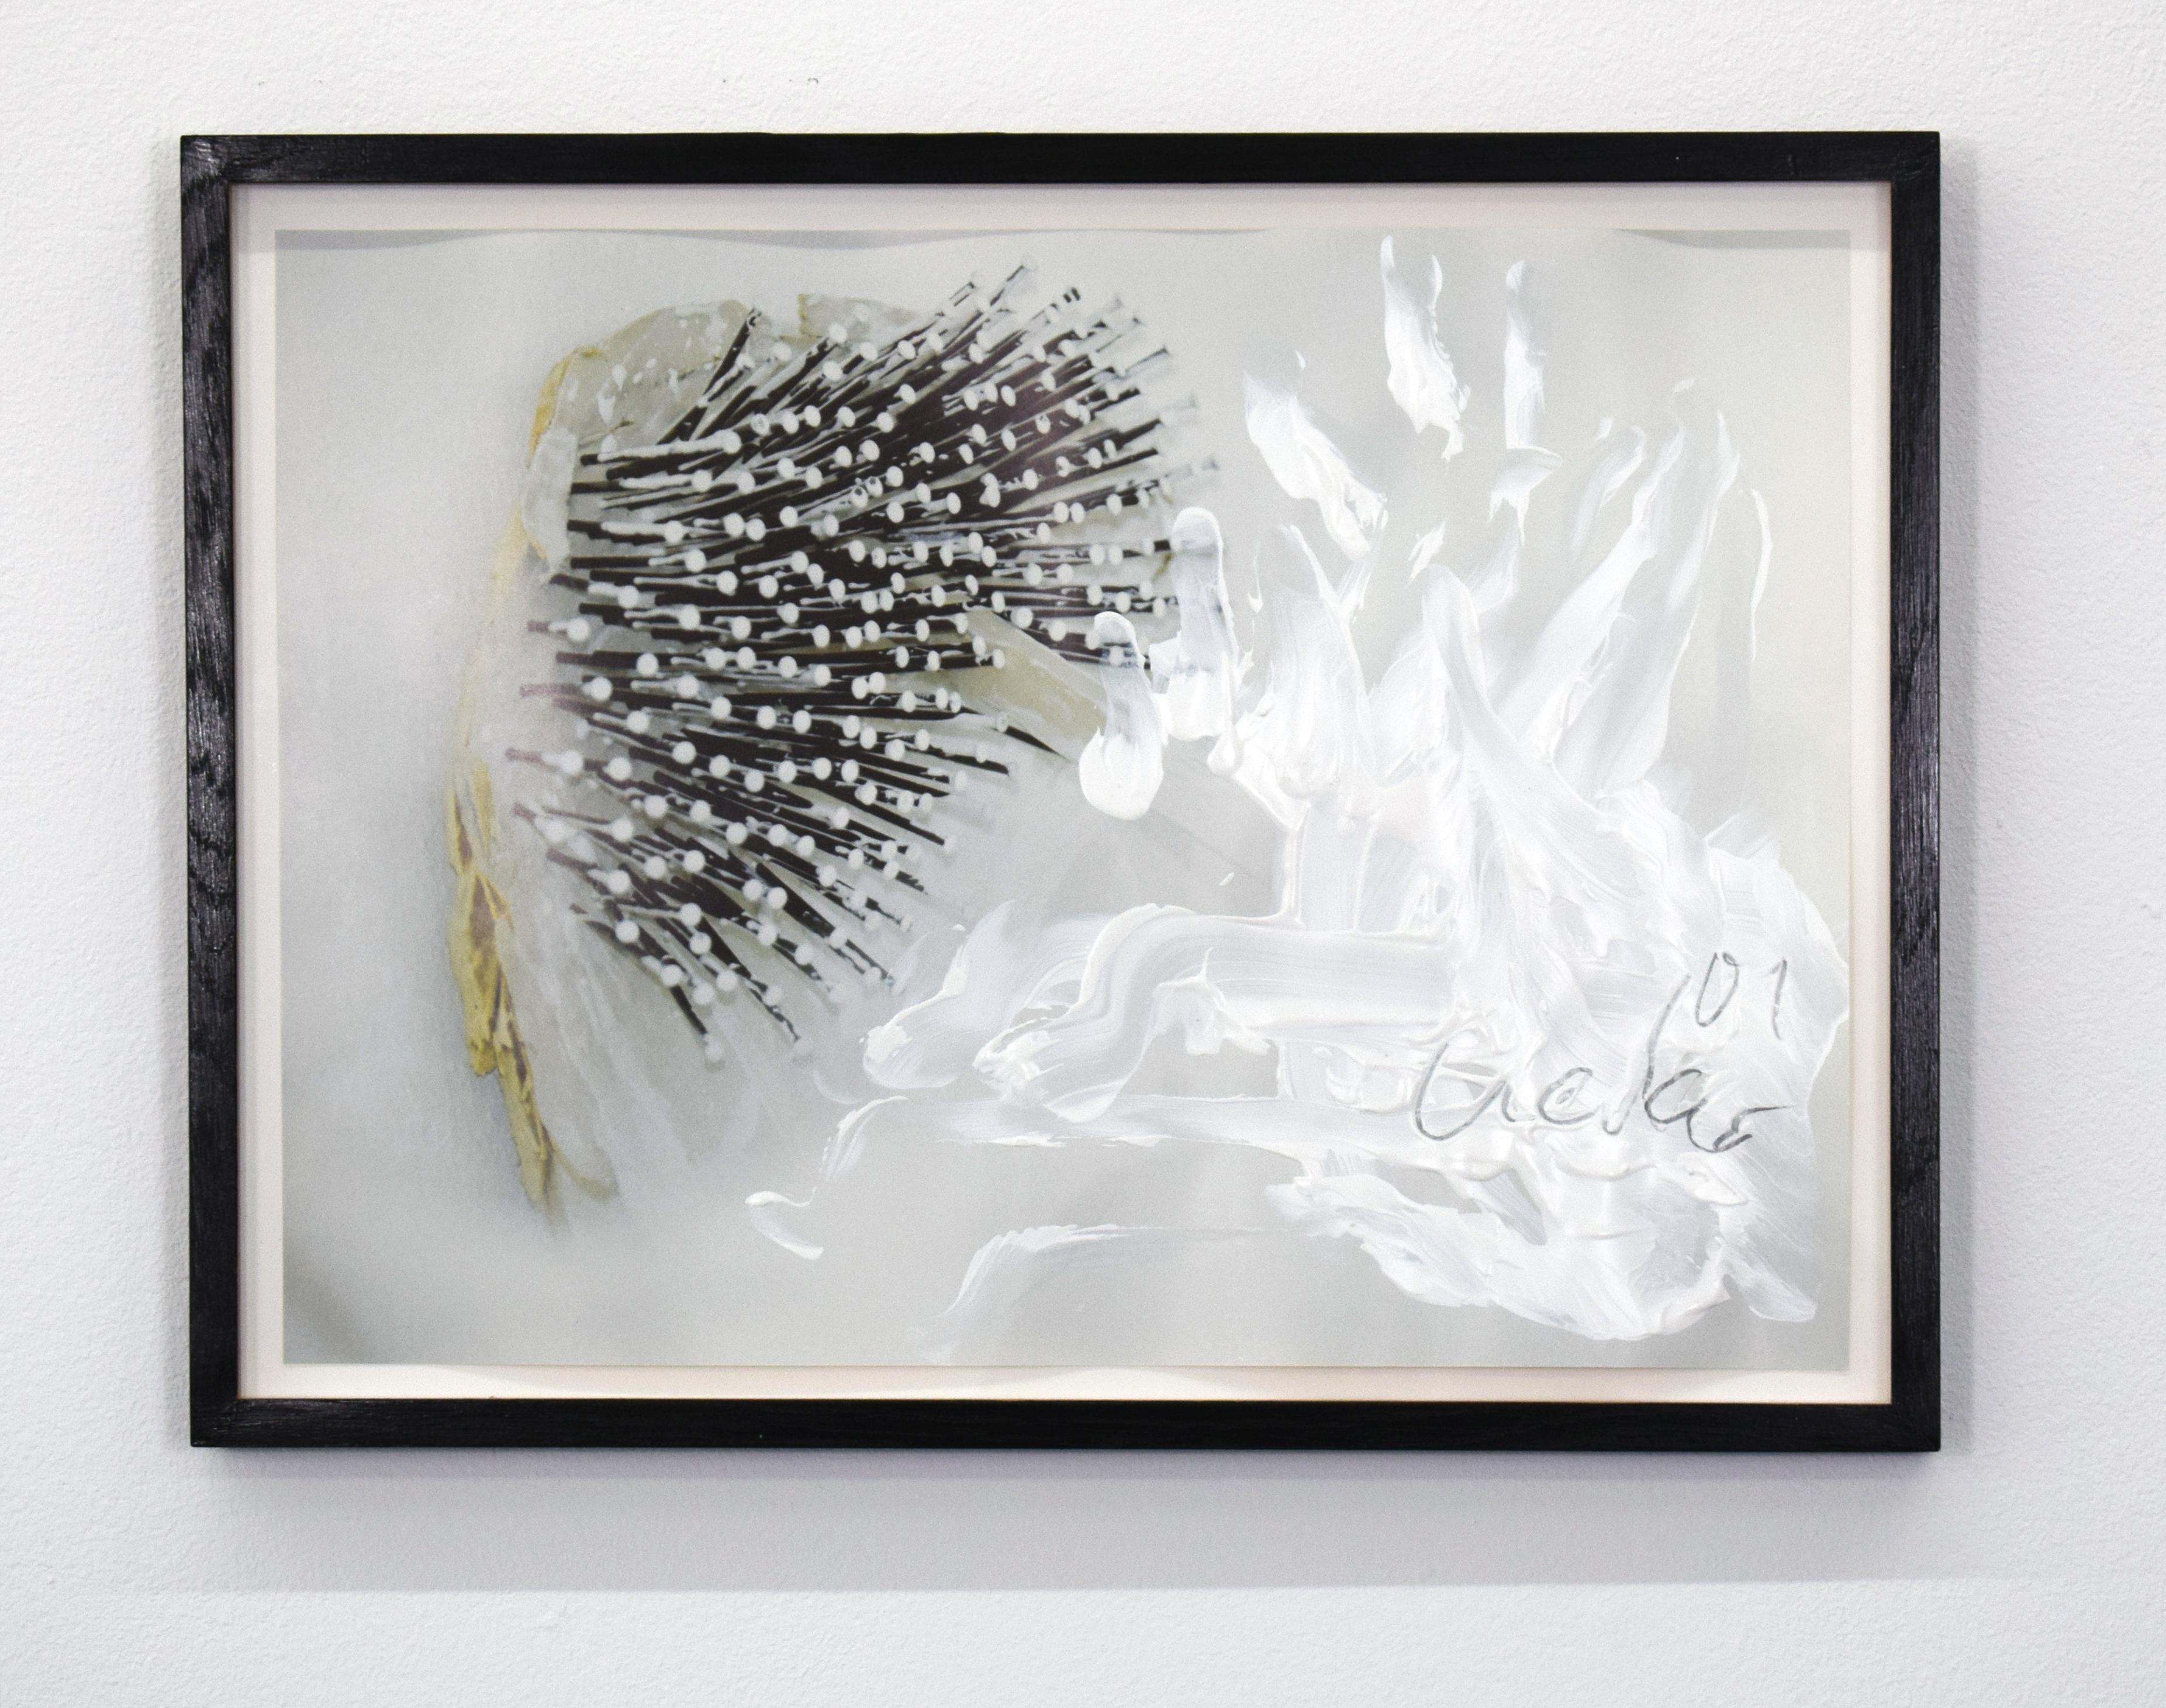 2001, painted photograph, 34.5 x 48 cm